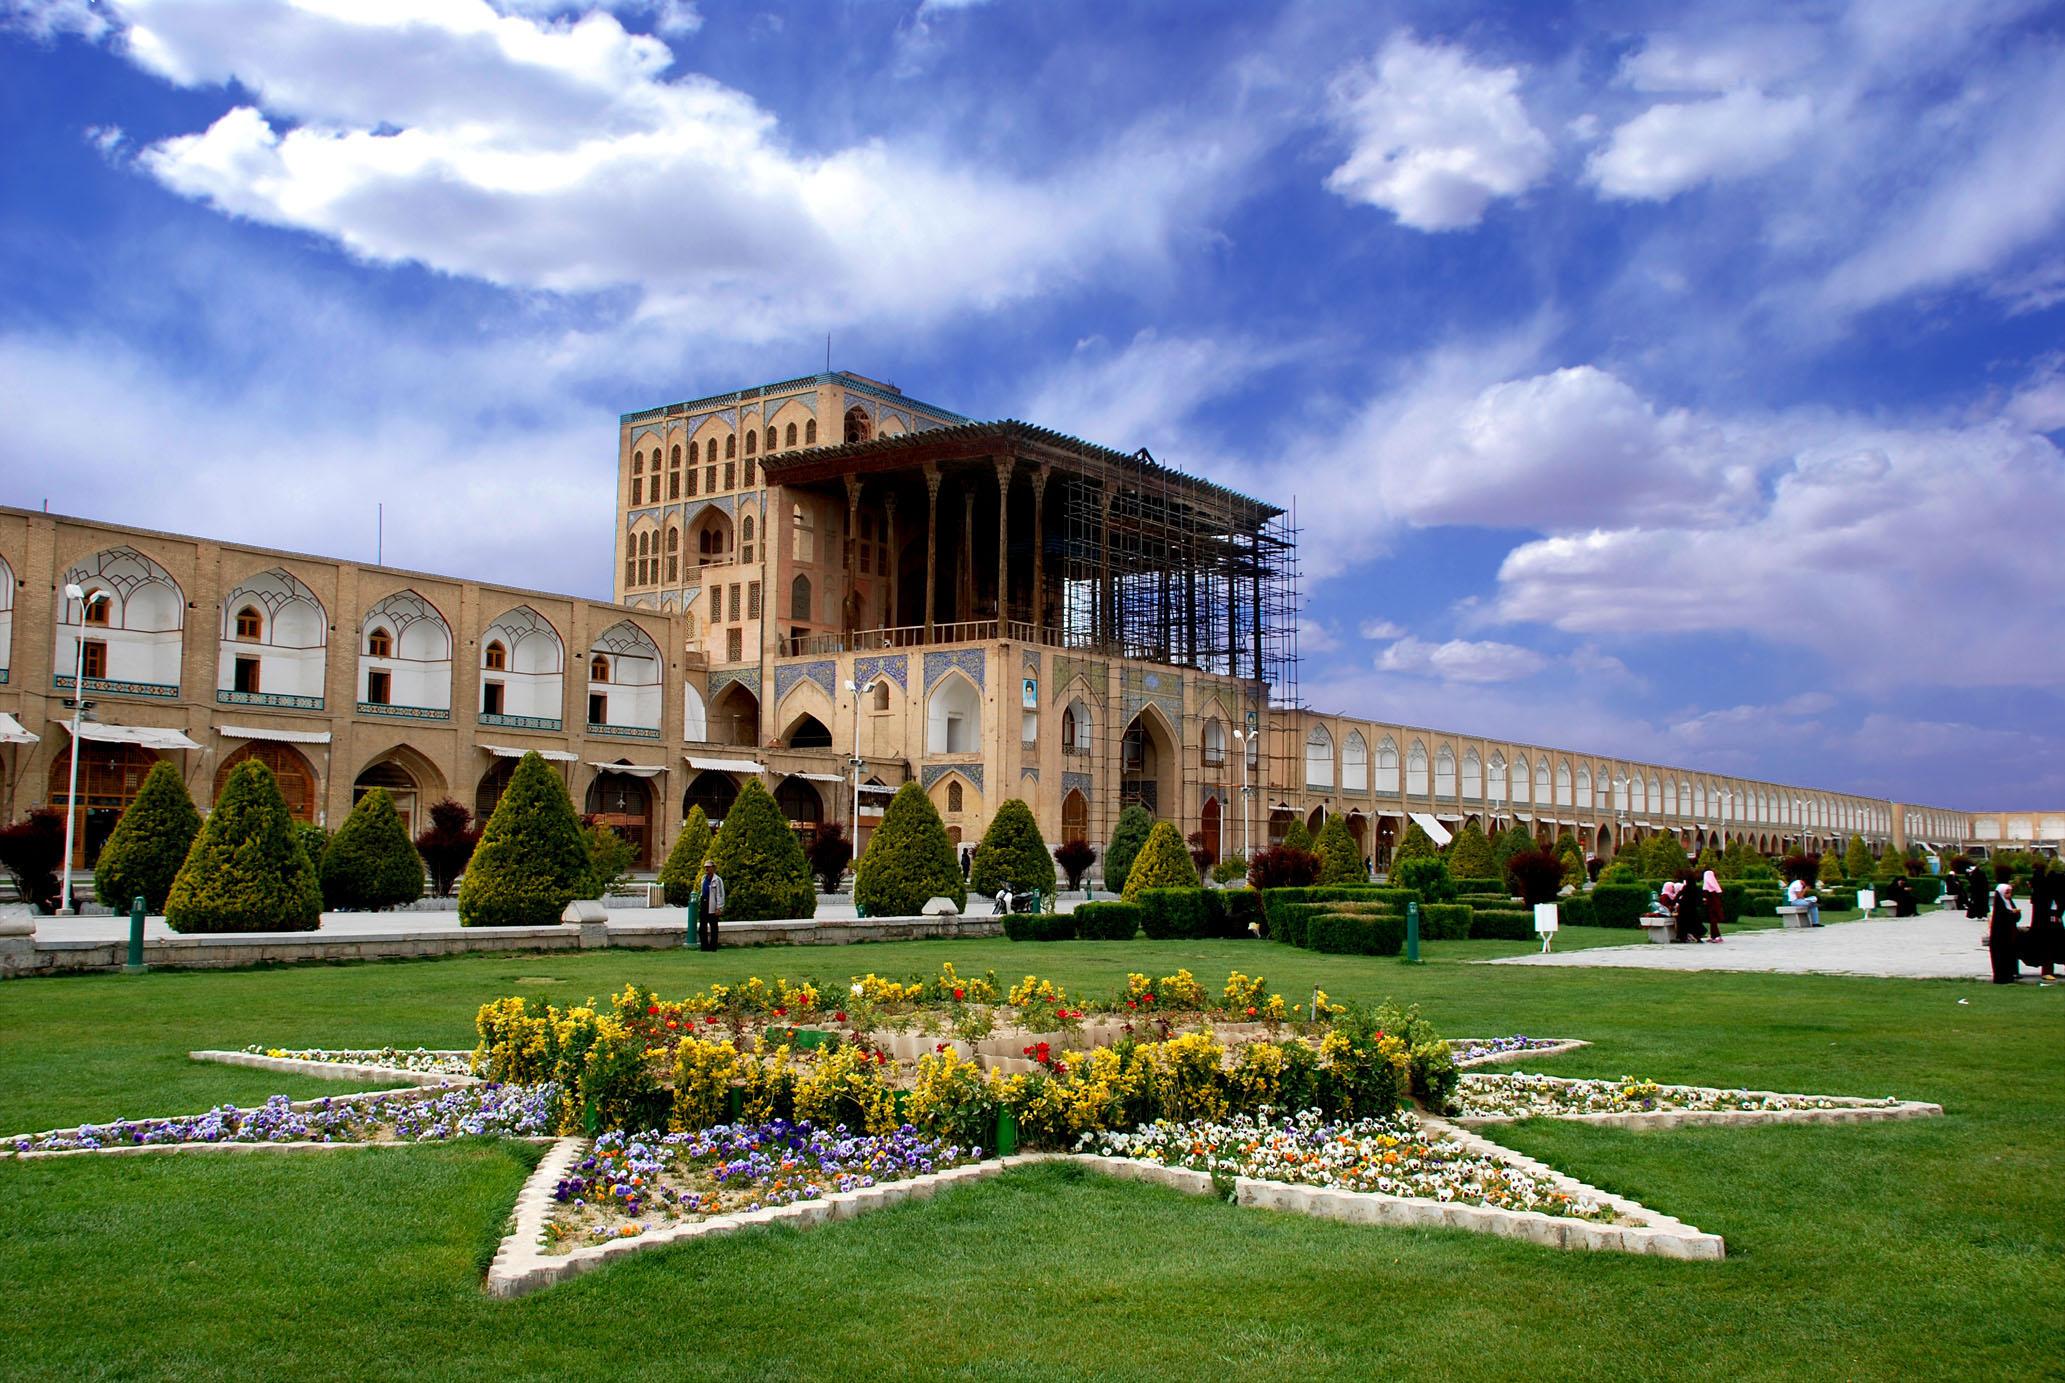 اینکه اصفهان می تواند مقصد یک ماه عسل عالی باشد دیگر جای تعریف و تمجید ندارد.